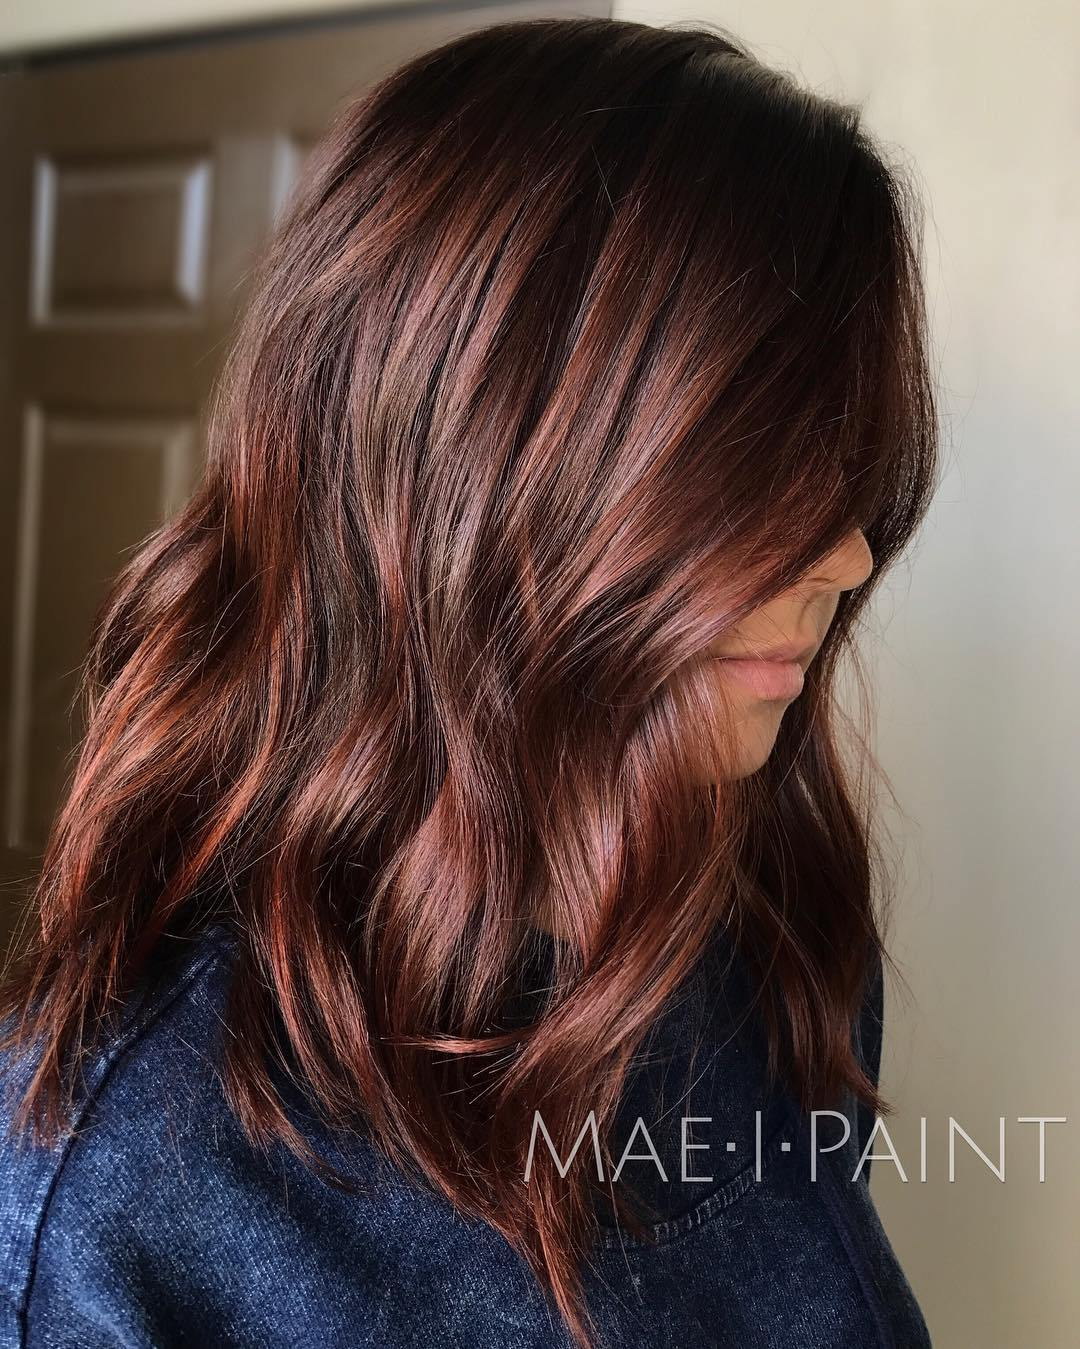 60 couleurs de cheveux auburn pour souligner votre individualite 5e4281802f11c - 60 couleurs de cheveux Auburn pour souligner votre individualité